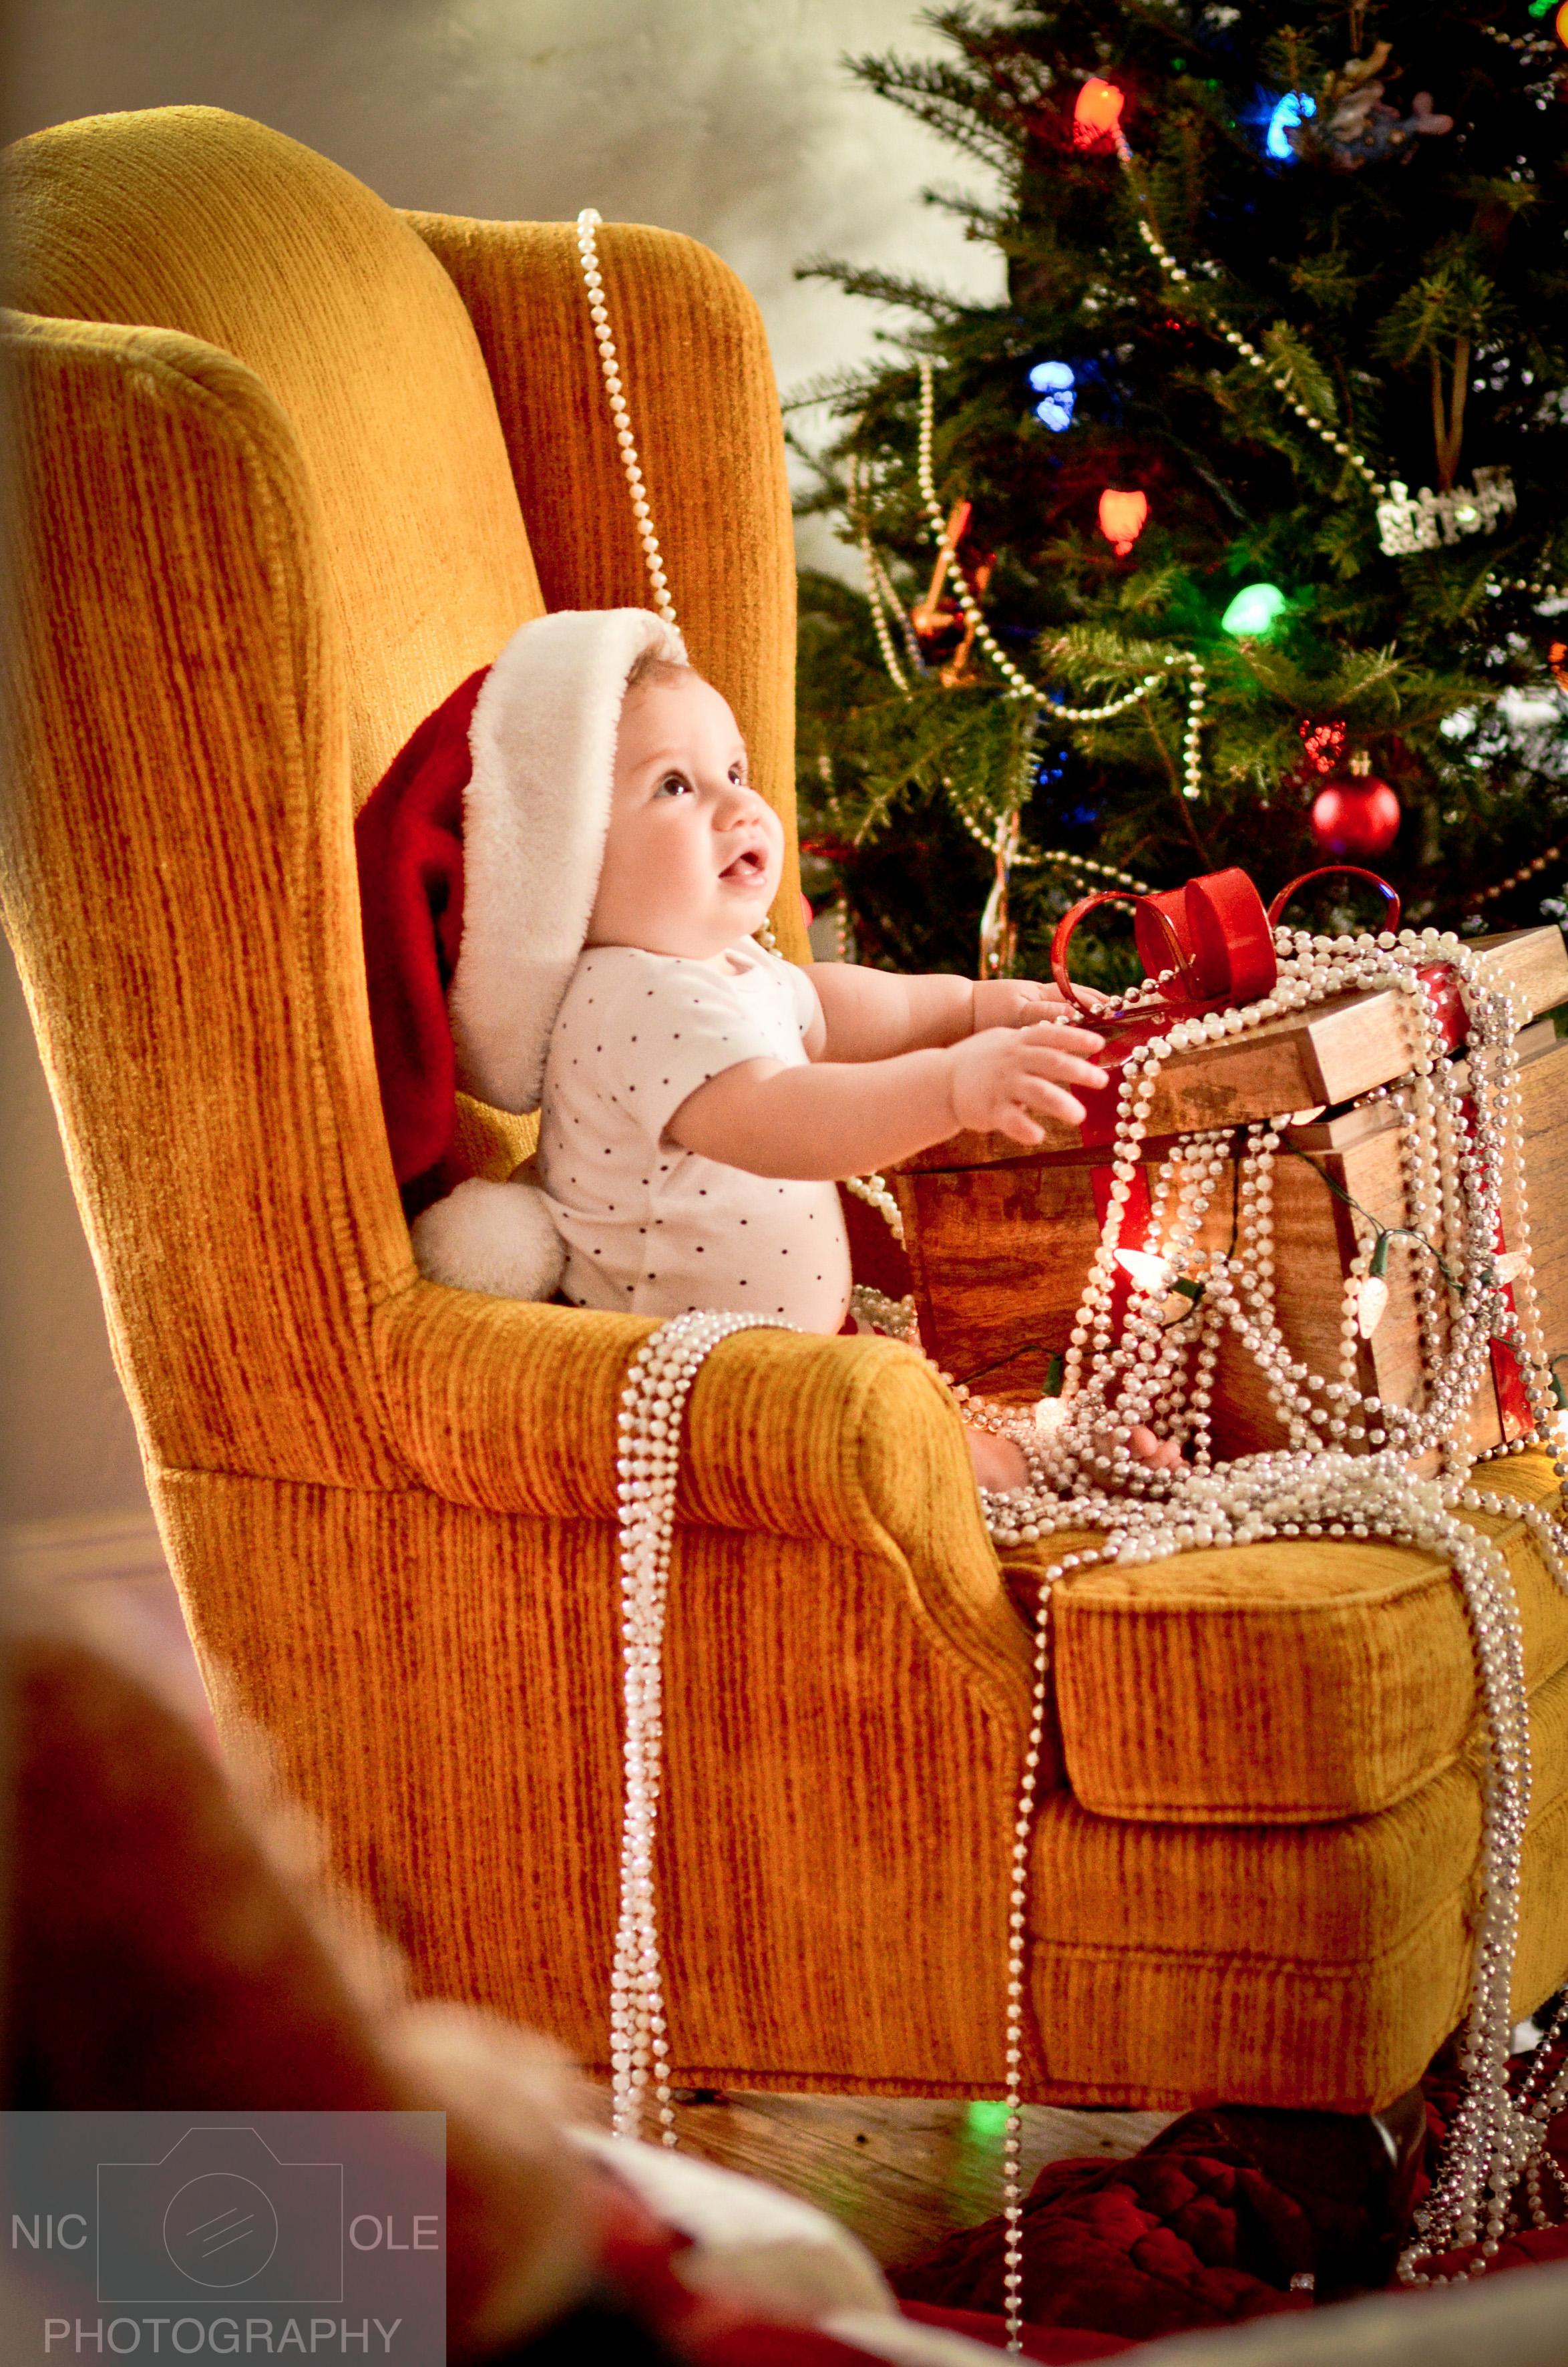 O&Z Christmas Photos- Nic.Ole Photography-5.jpg